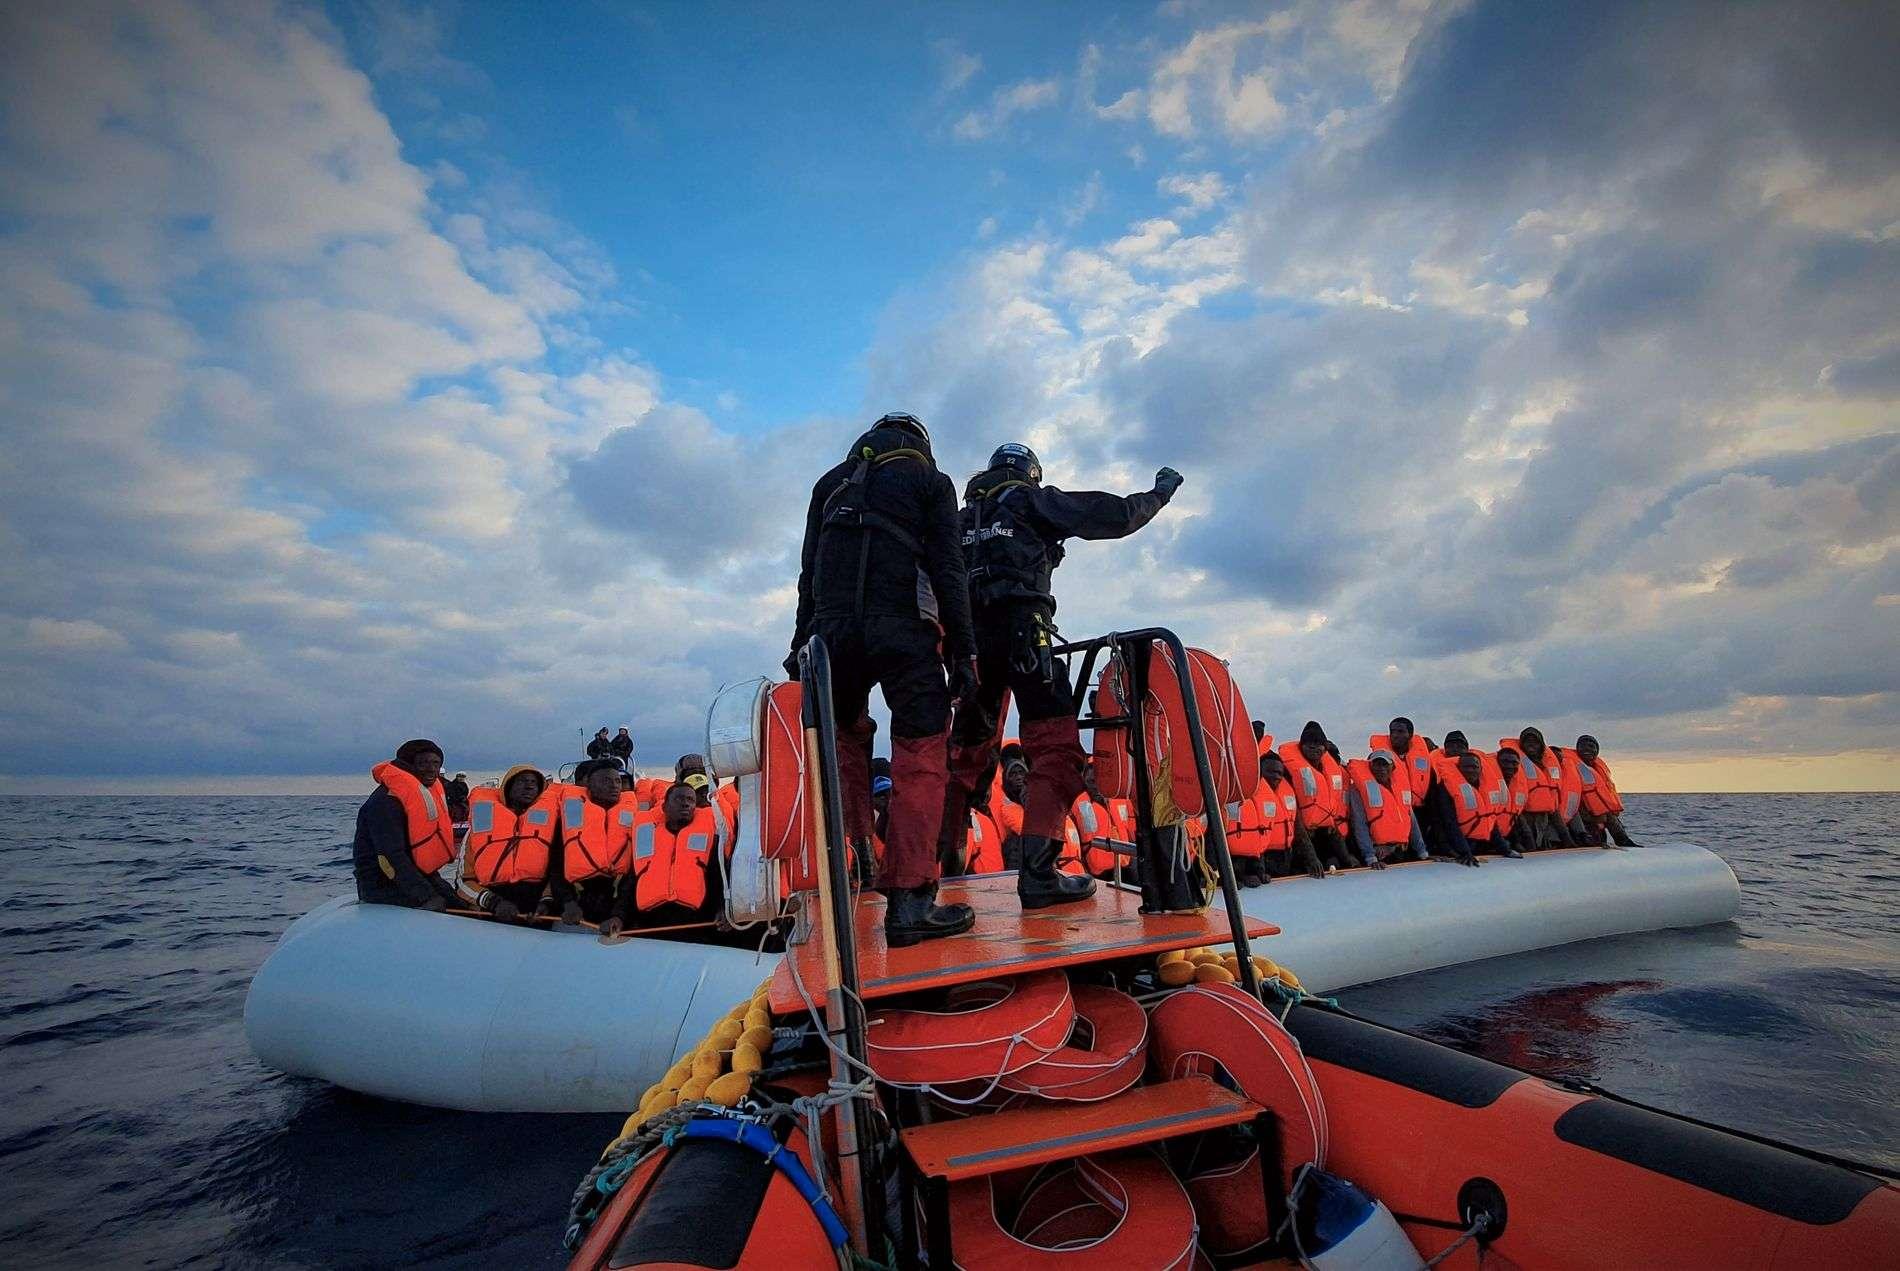 ليبيا.. مأساة جديدة في البحر المتوسط إثر غرق قارب مهاجرين